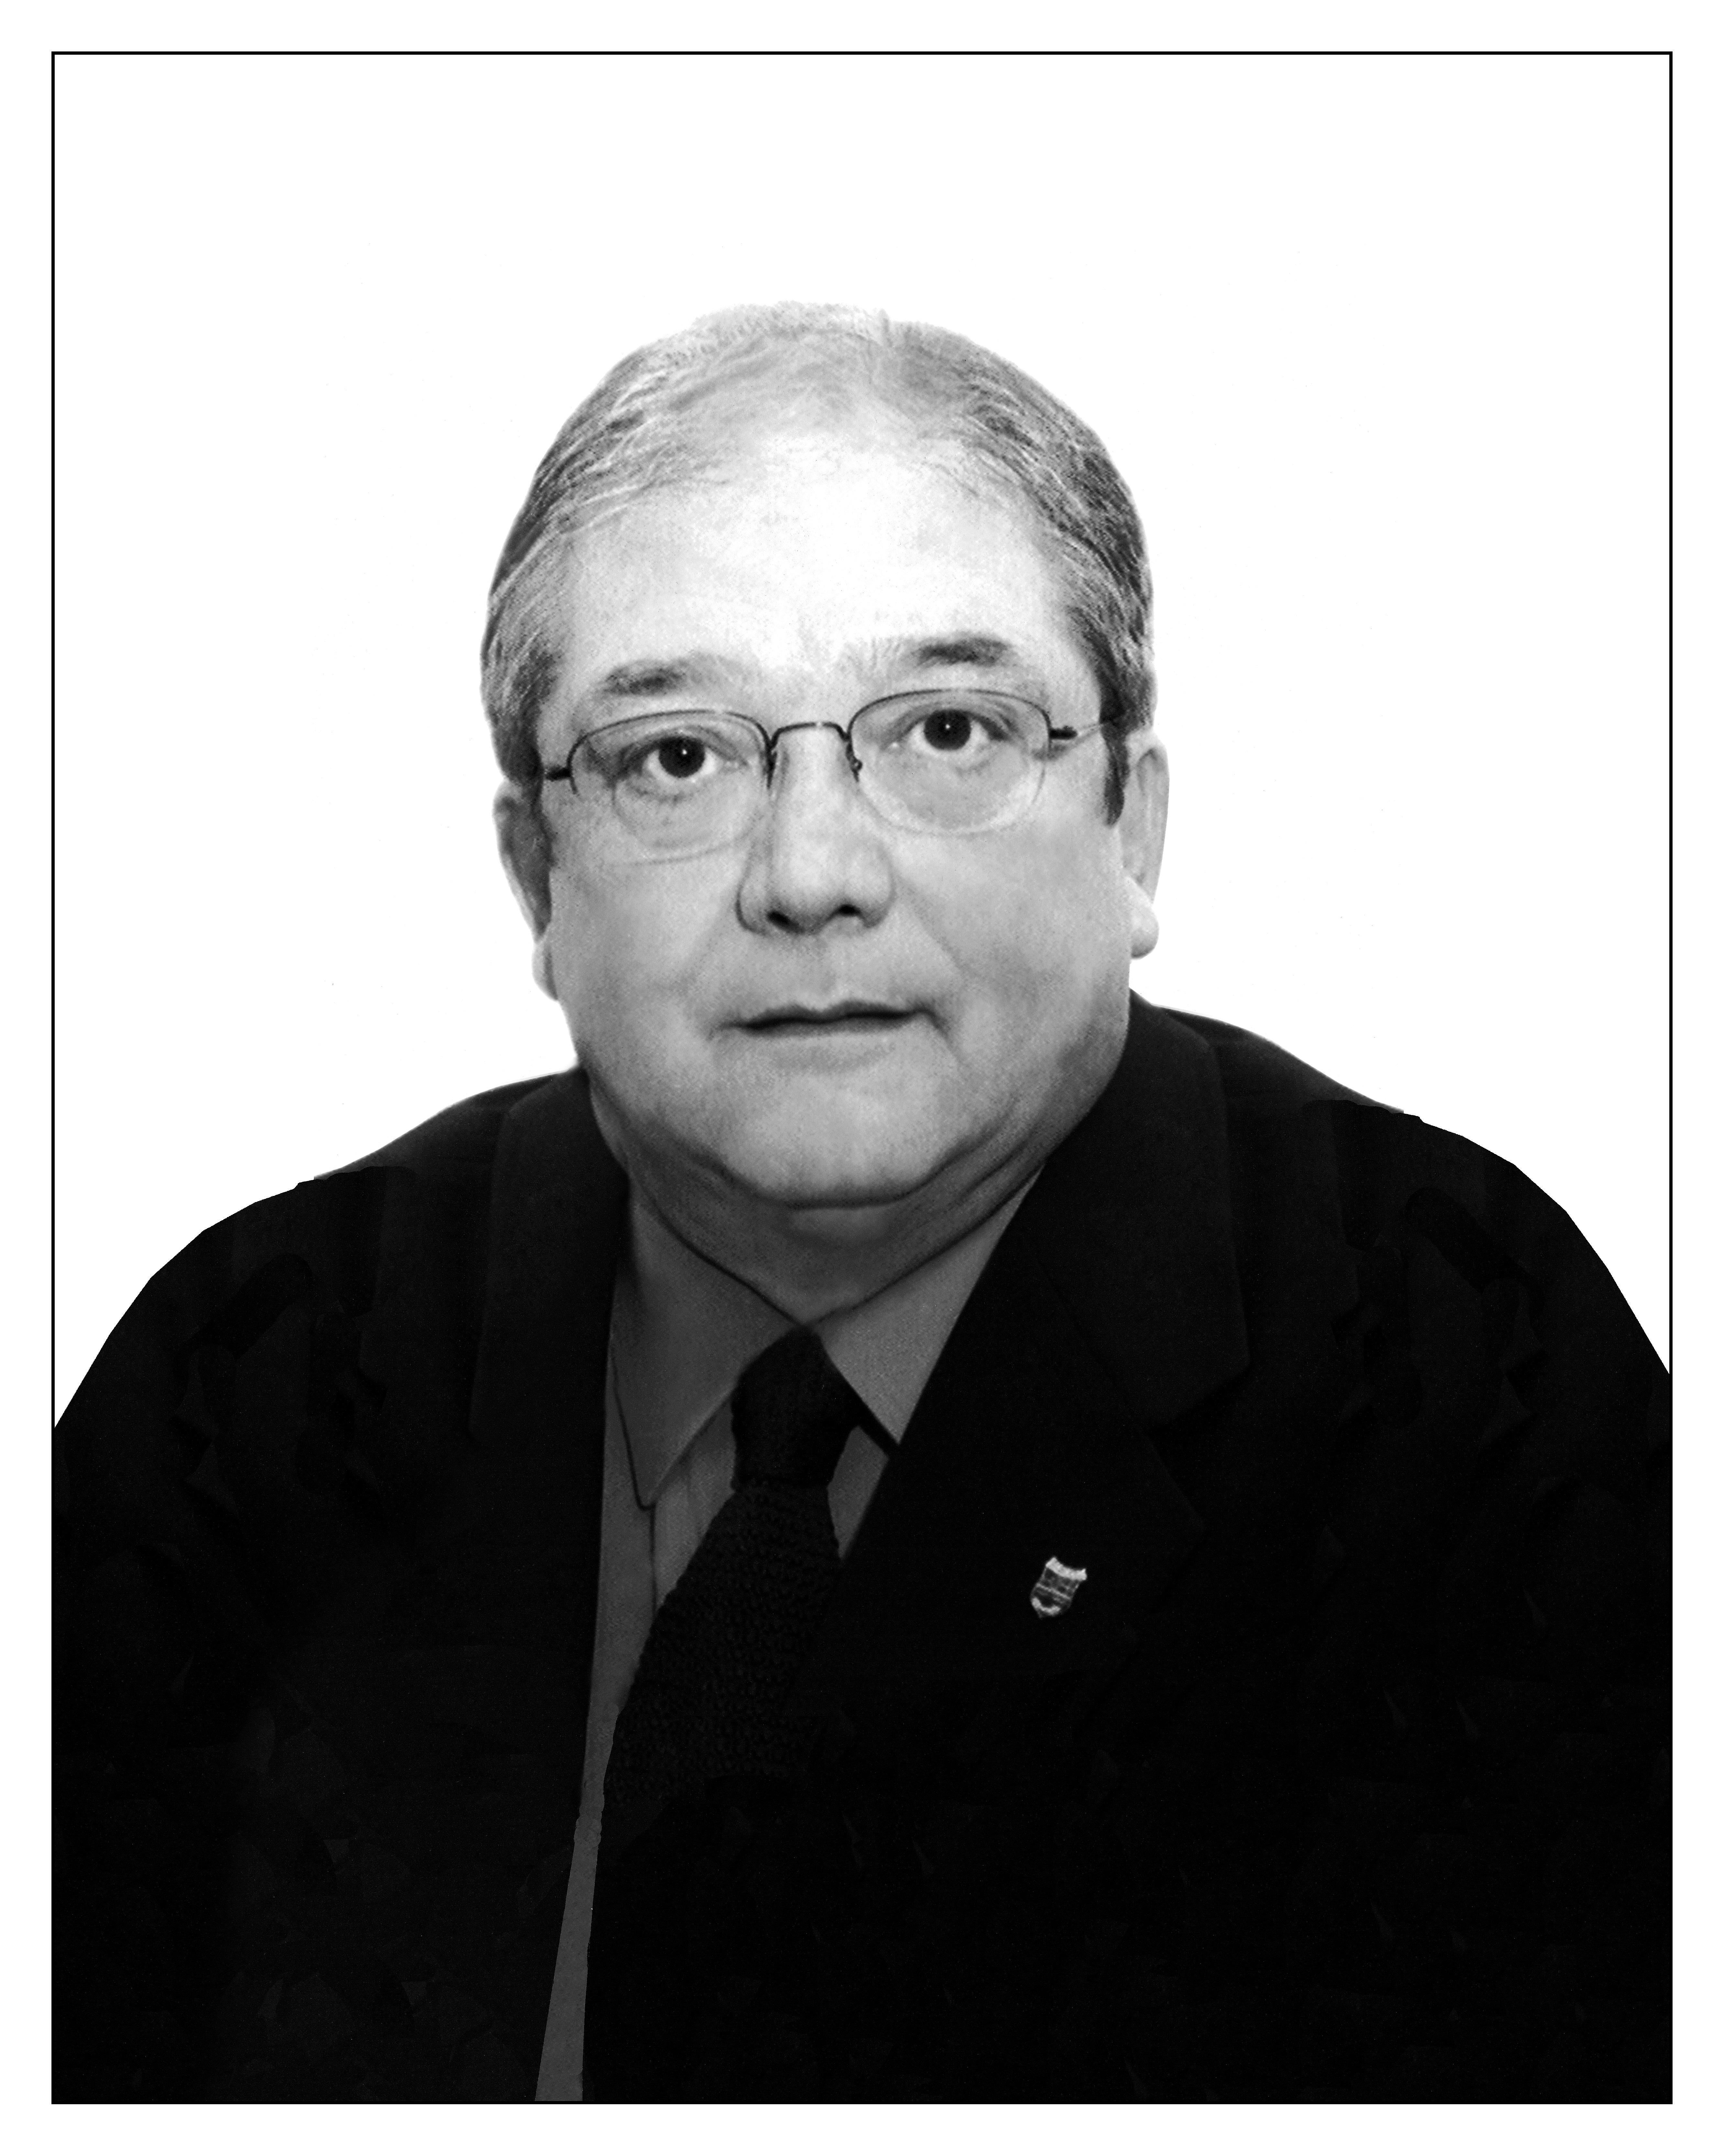 Roberto Horcades Figueira